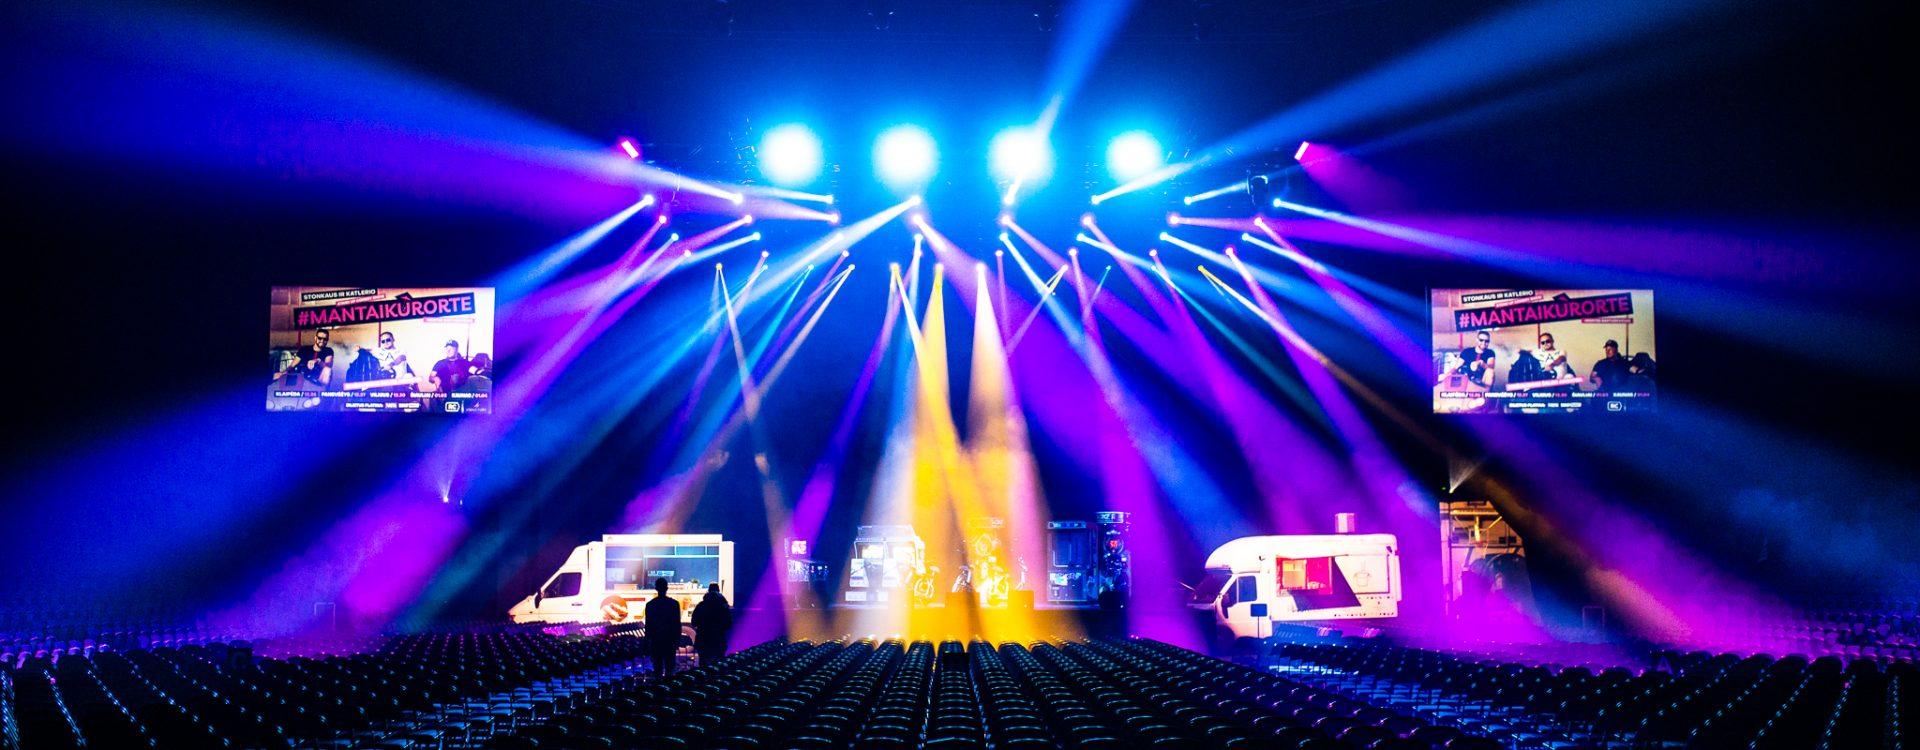 #MANTAIKURORTE, Siemens arena, 2019